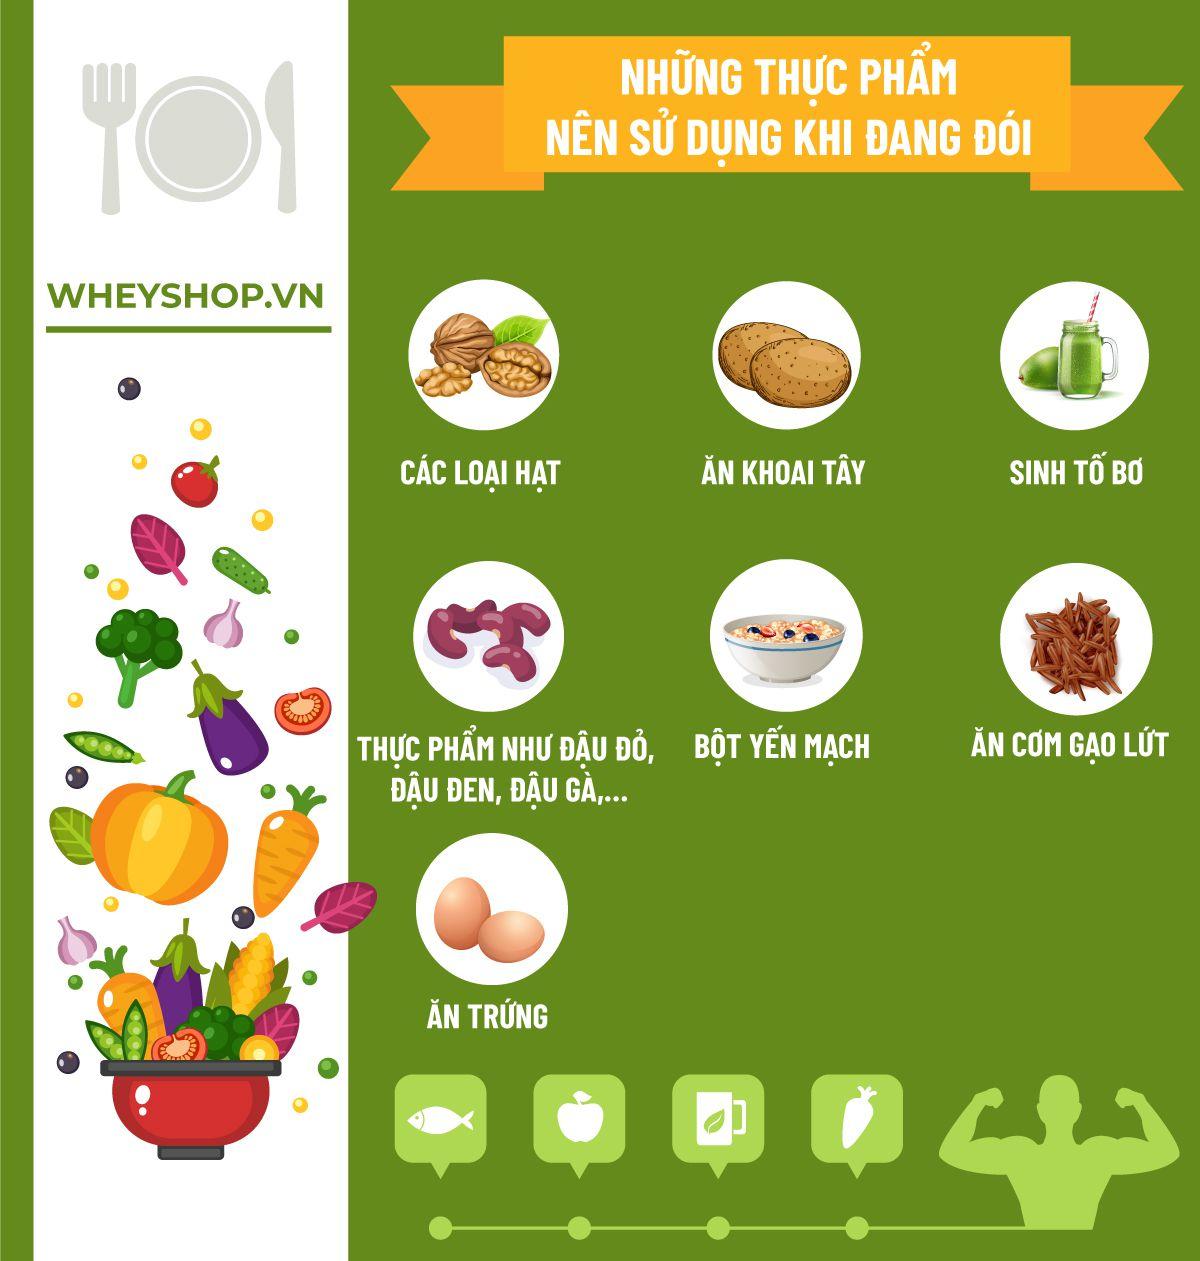 Đói bụng quá thì chẳng chắc cần ăn, tuy nhiên 10 món mà WheyShop giới thiệu sau đây tới bạn sẽ ảnh hưởng tới sức khỏe nếu bạn ăn khi đói bụng quá...